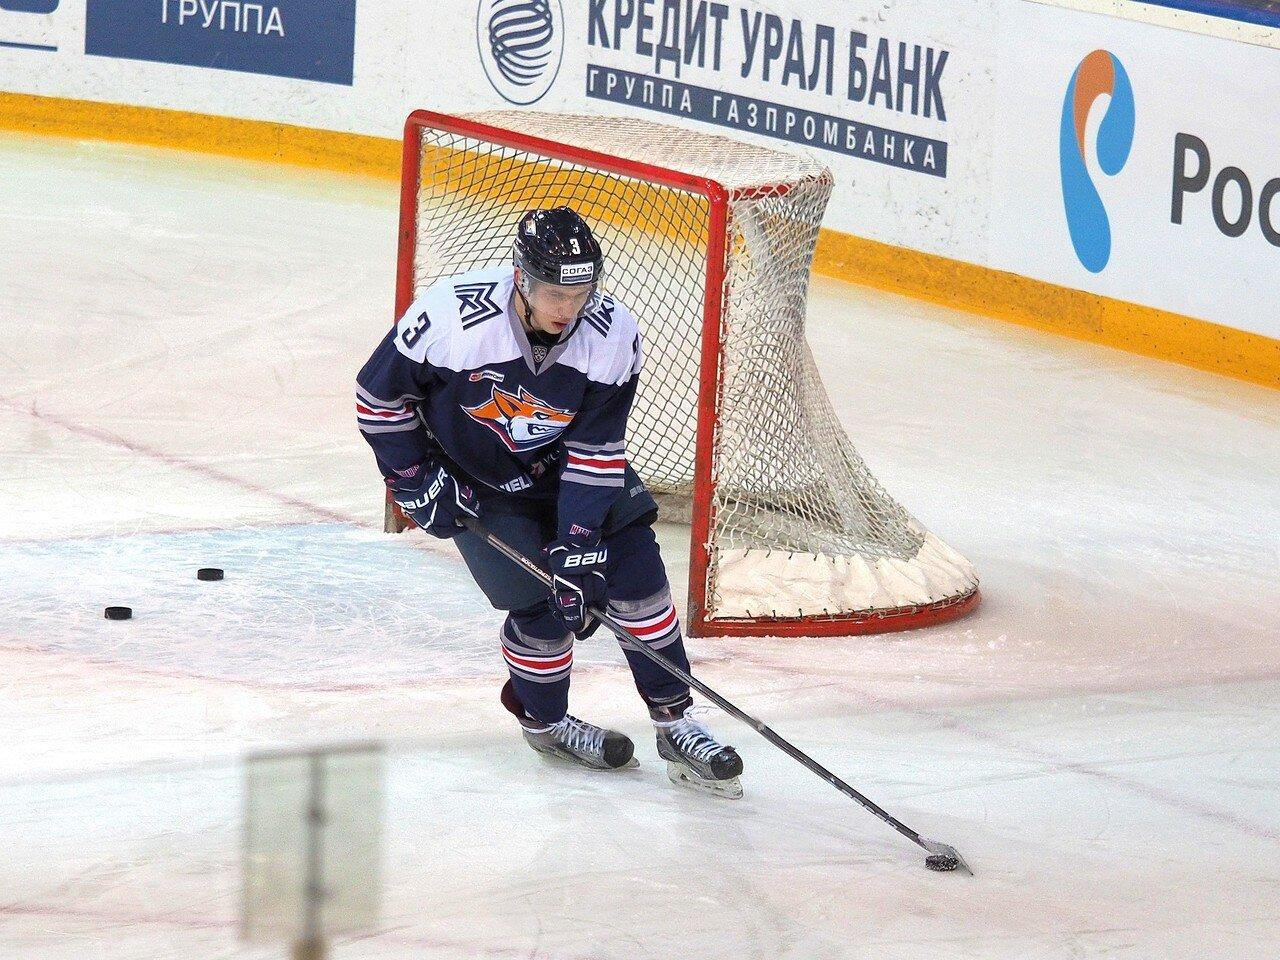 56Металлург - Динамо Москва 21.11.2016